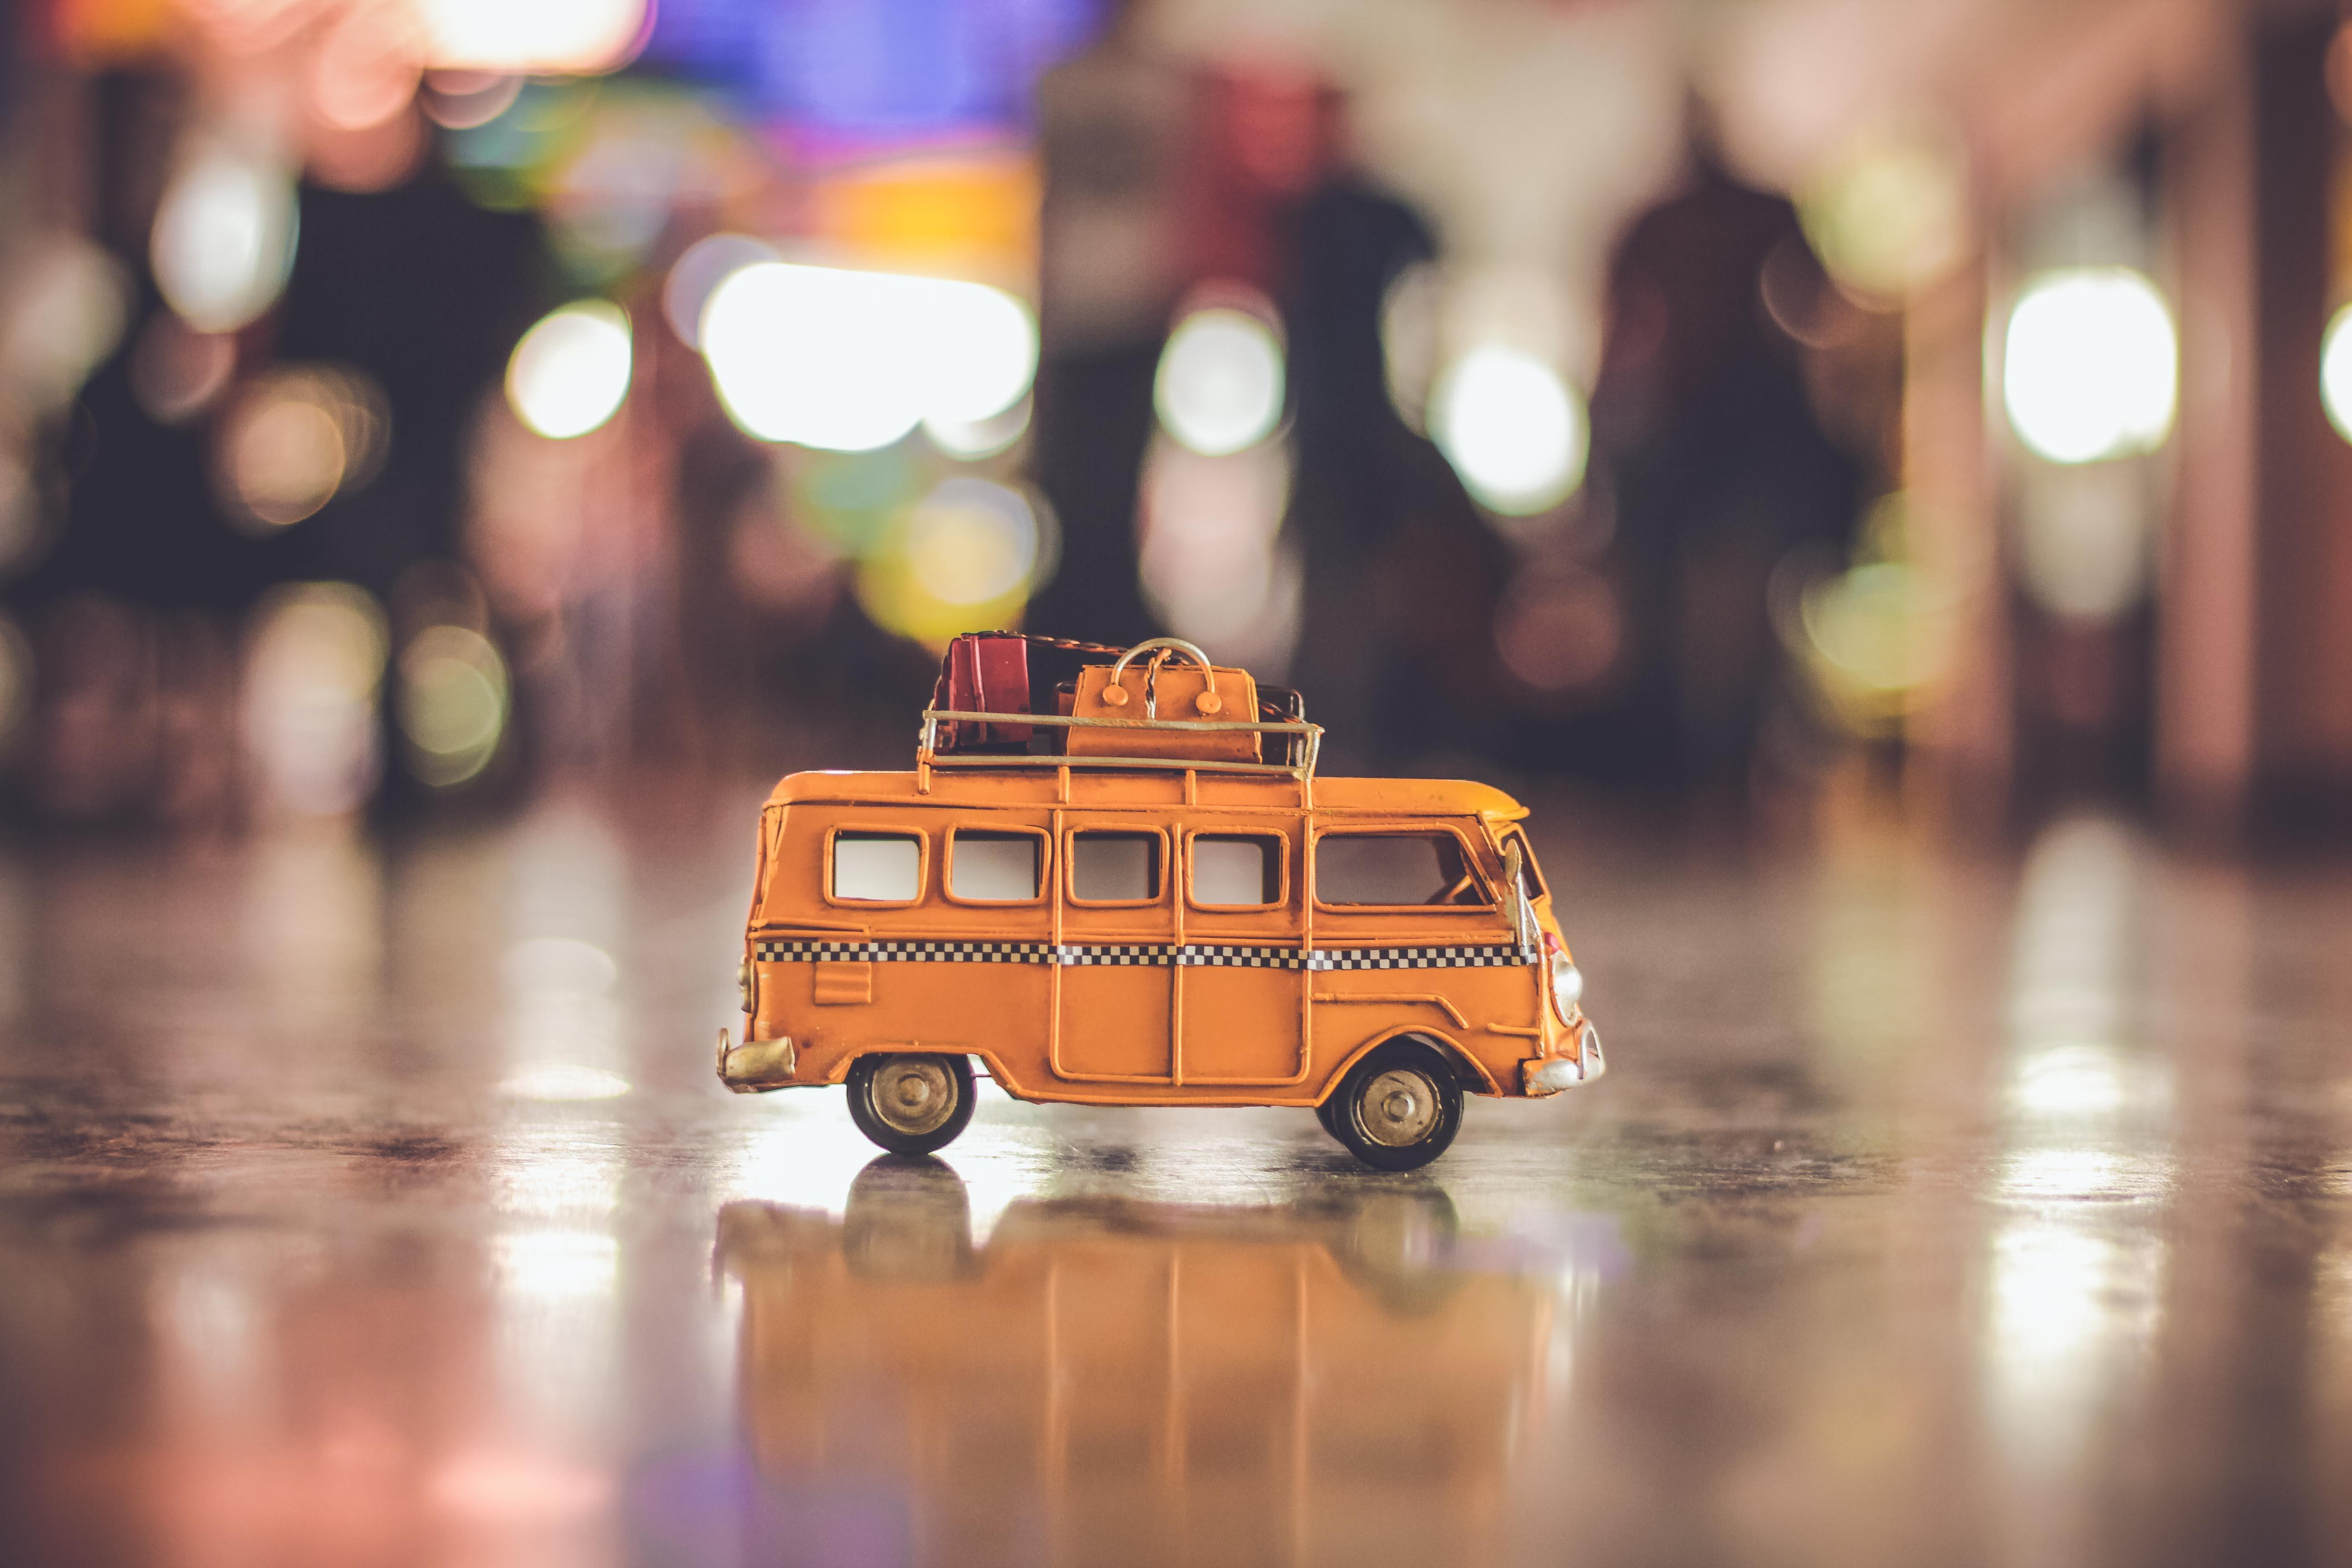 Конкурс водителей автобусов спб